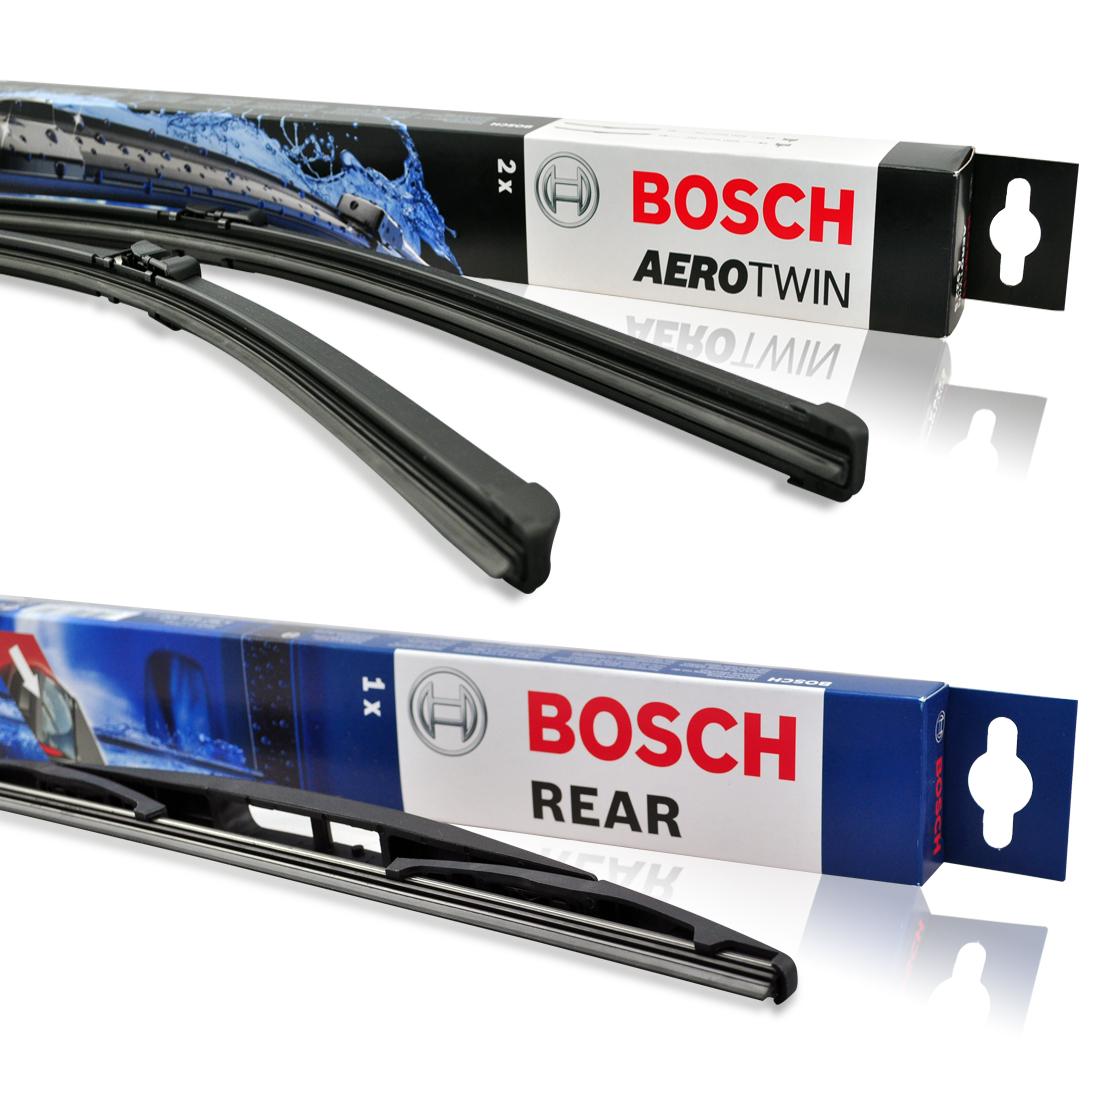 10x 70cm Scheibenwischergummi Wischerblatt für Bosch Aerotwin OPEL